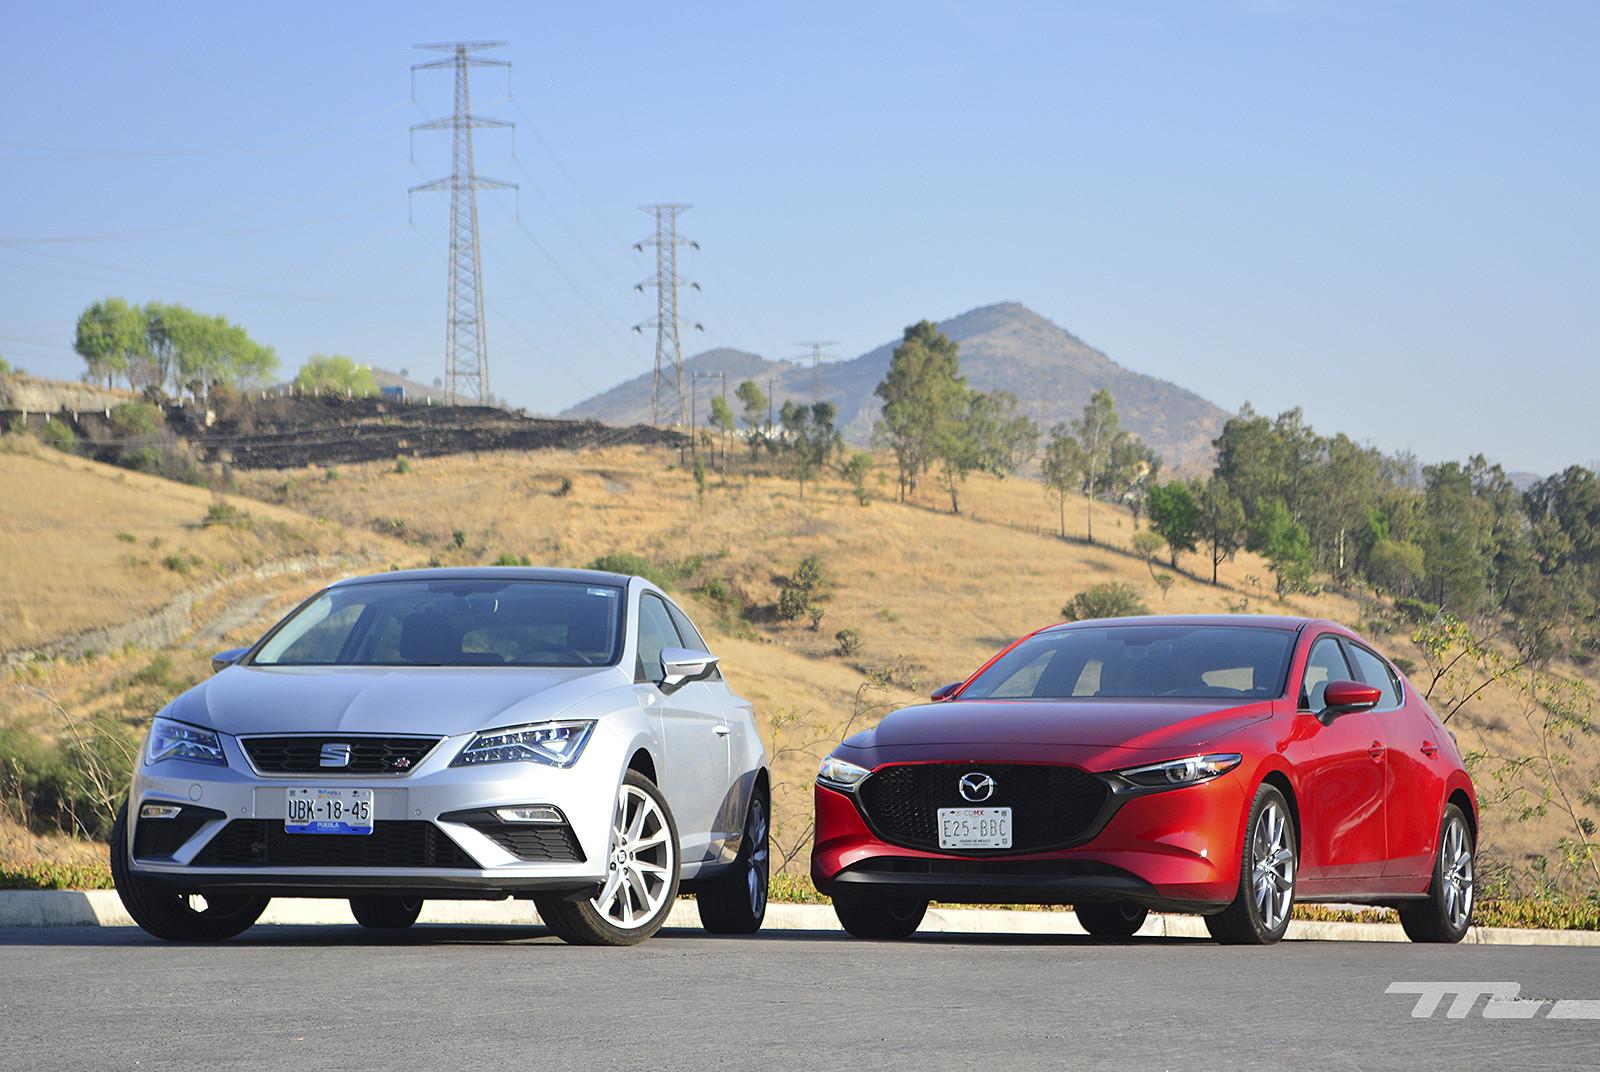 Mazda 3 vs. SEAT León (comparativa)